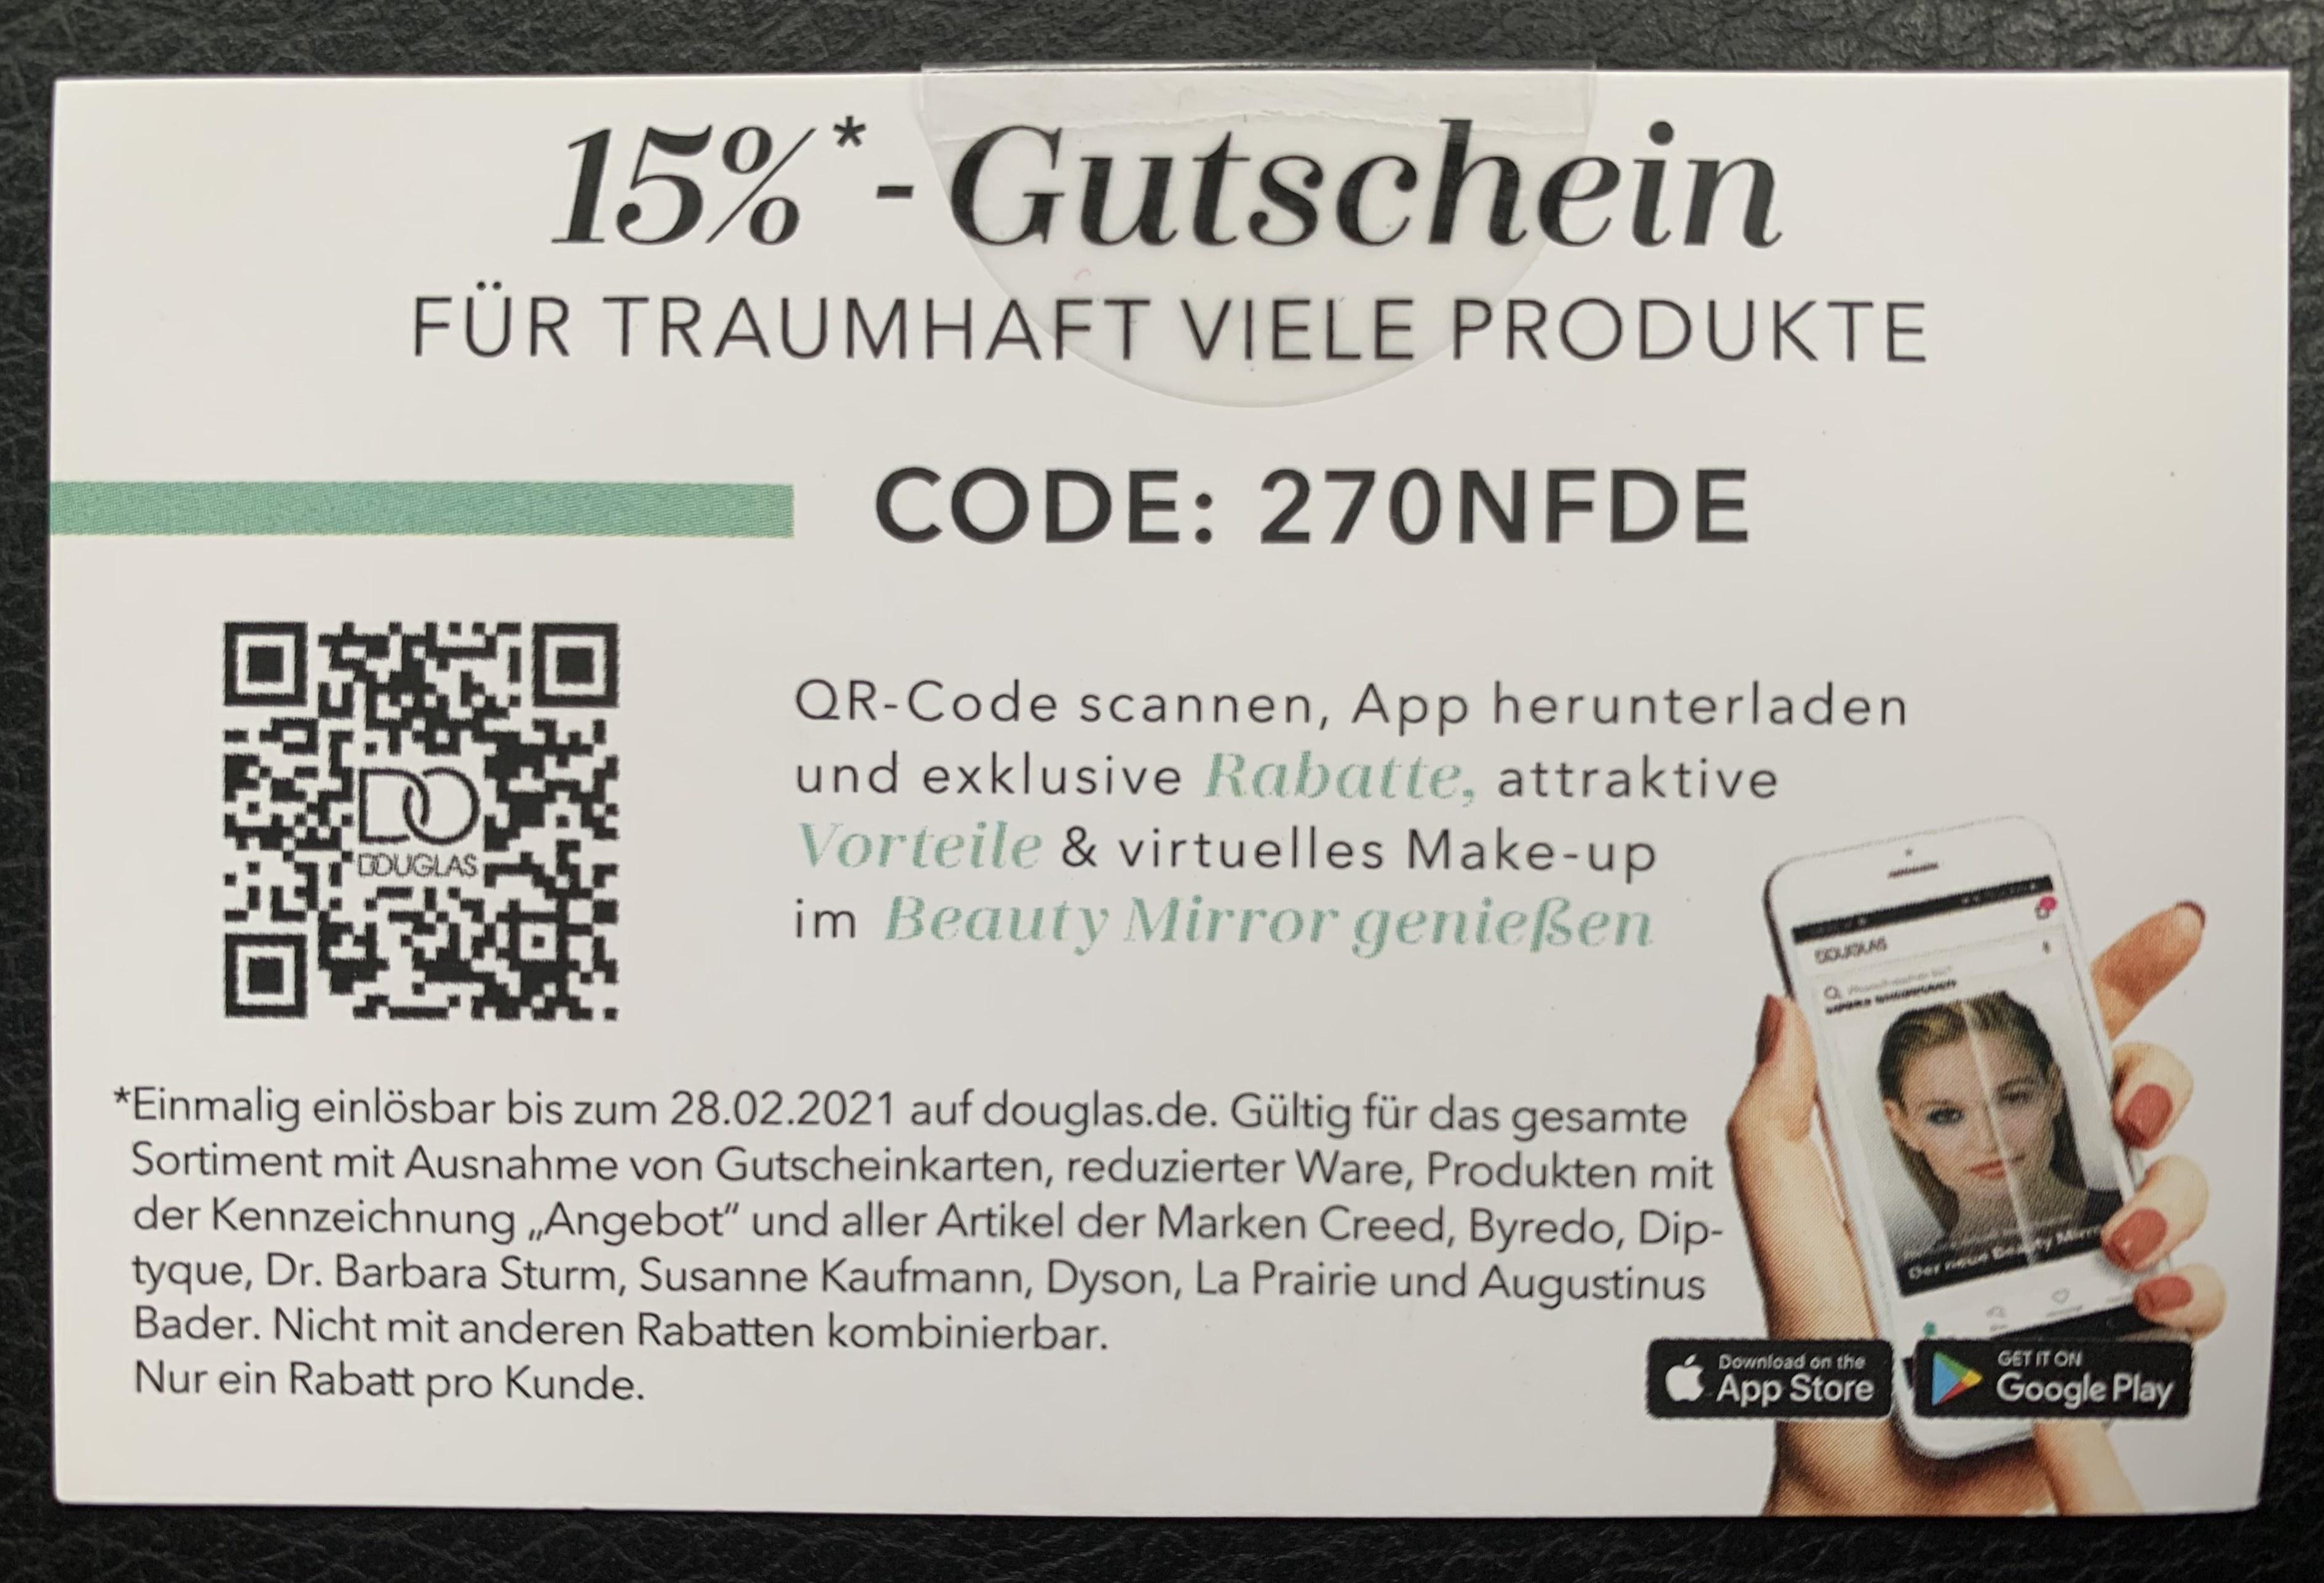 DOUGLAS 15% Gutschein (Einmal pro Kunde)